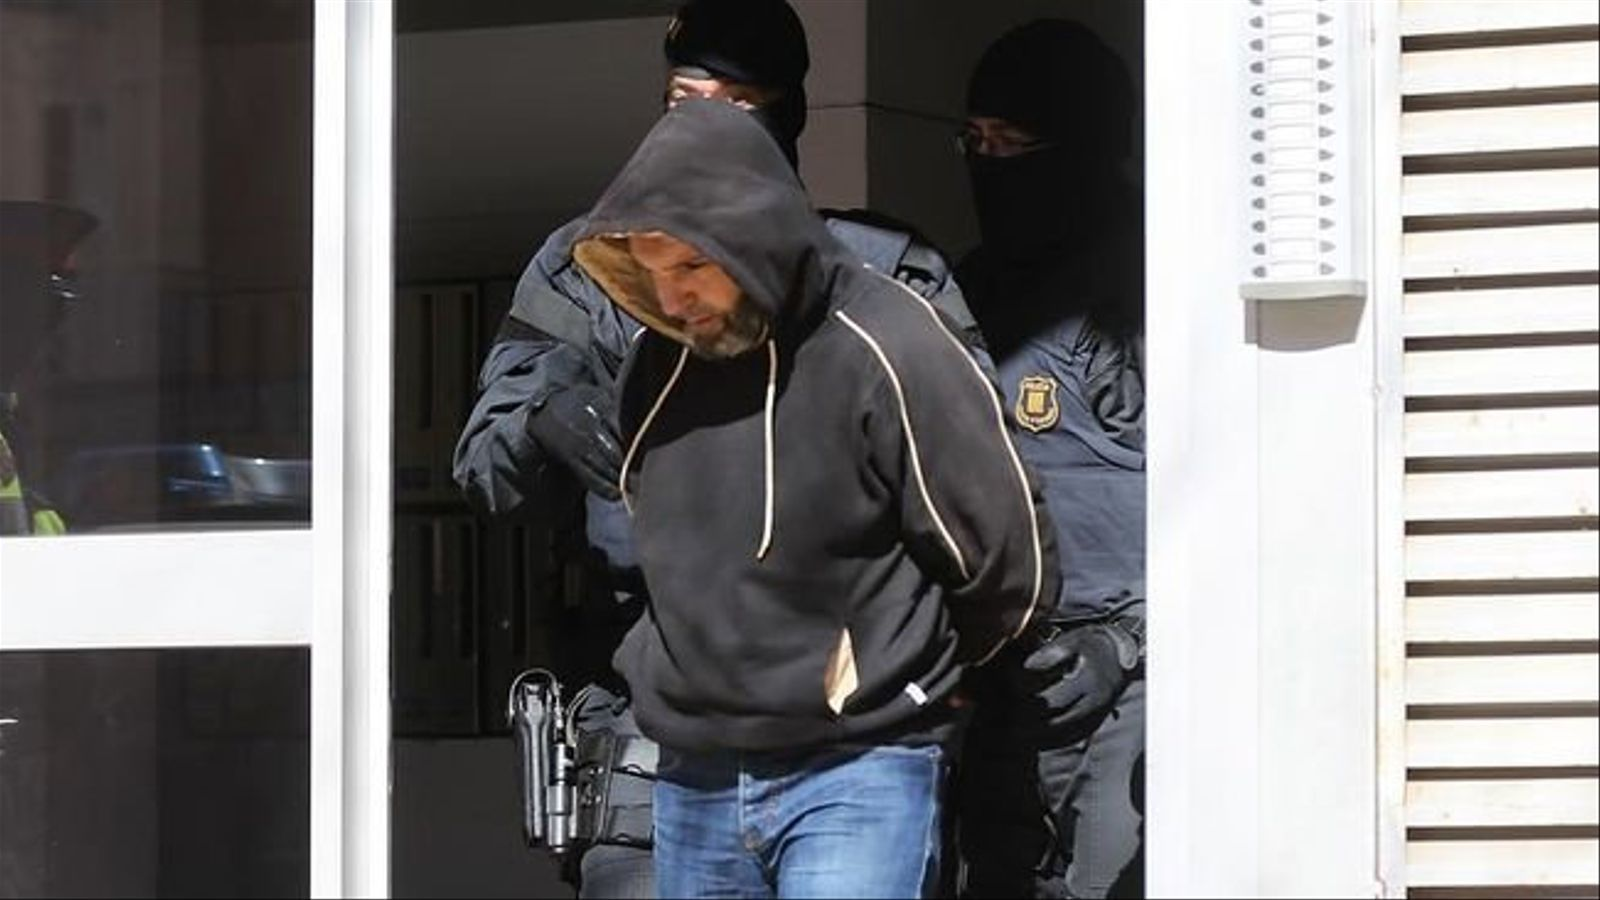 Un dels detinguts pels Mossos d'Esquadra en l'operació Caront culminada l'abril del 2015. Ahir havia de començar el judici.